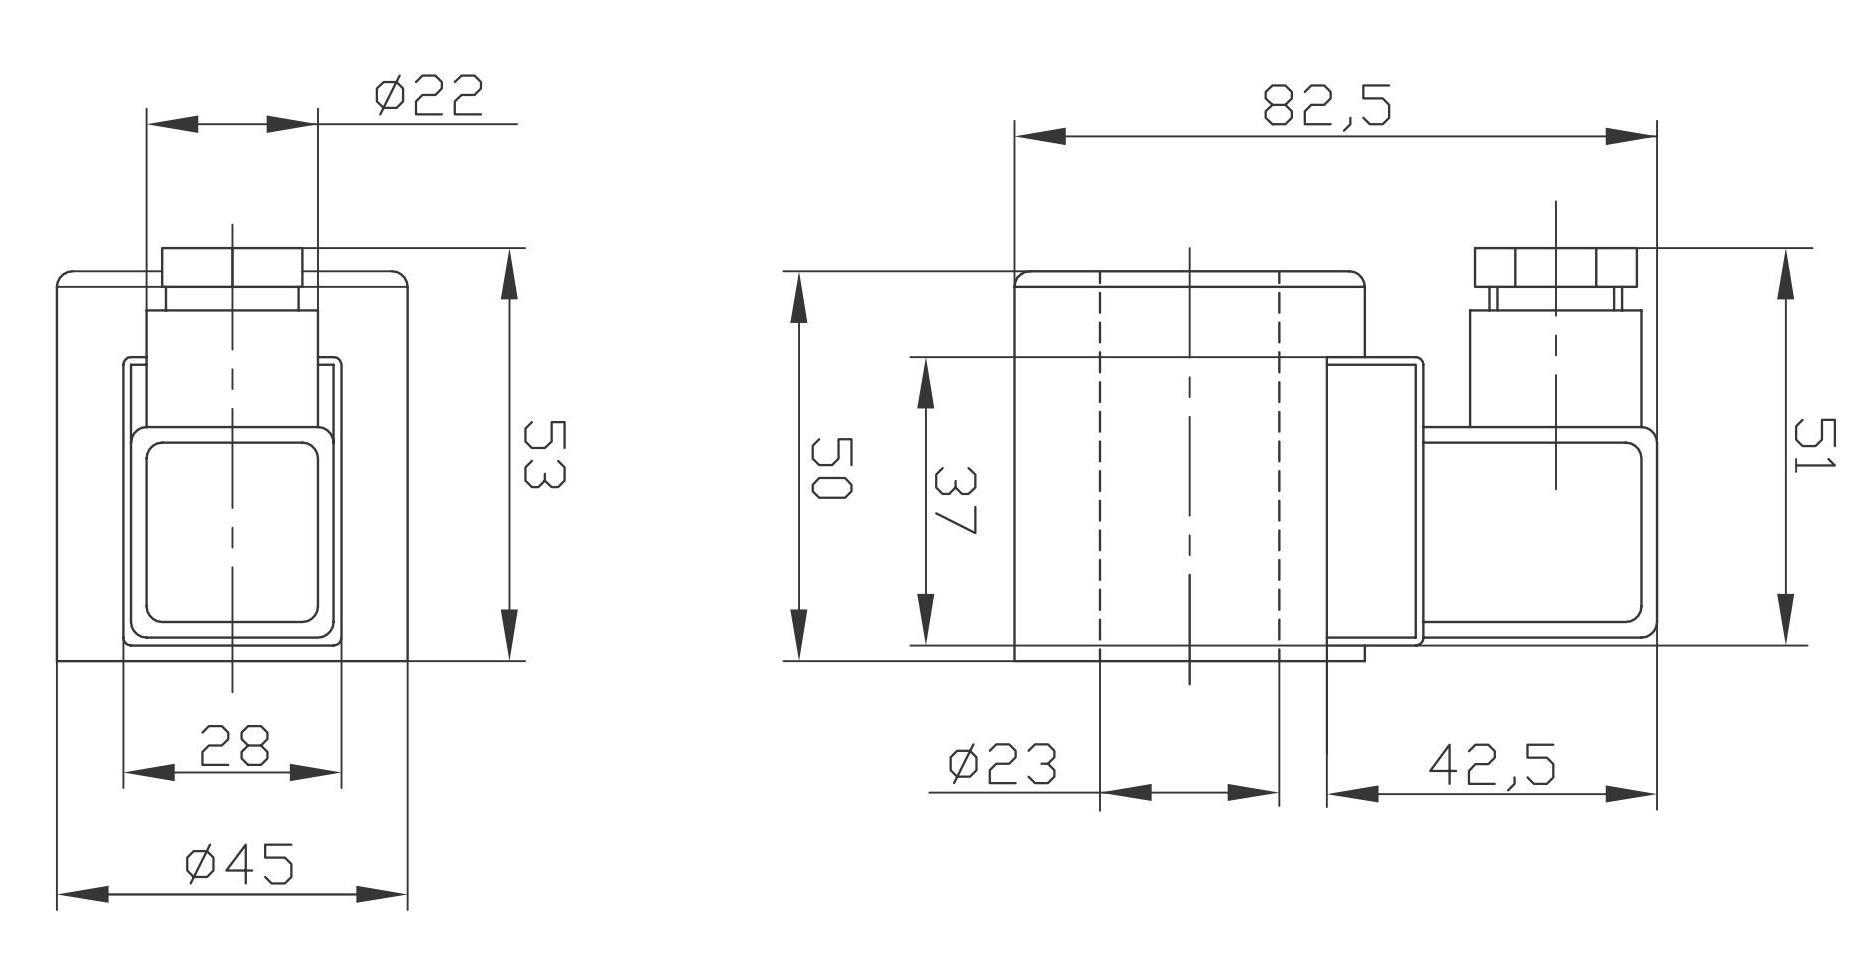 Габаритный и присоединительные размеры электромагнитов (катушек) MFZ10(MFZ12)-37YC DC24(DC12), MFB10(MFZ12)-37YC AC220(AC110) Совместимых с Гидрораспределителями ВЕ6, WE6, FW-02